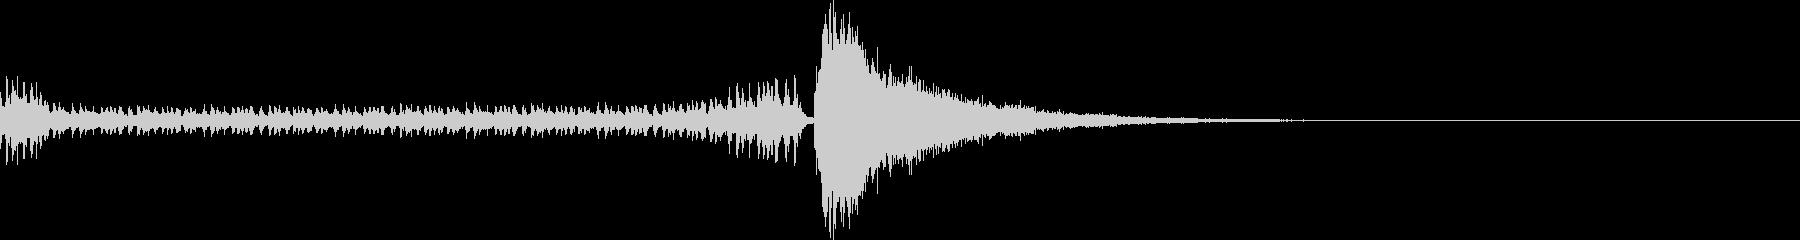 結果発表ドラムロールの未再生の波形